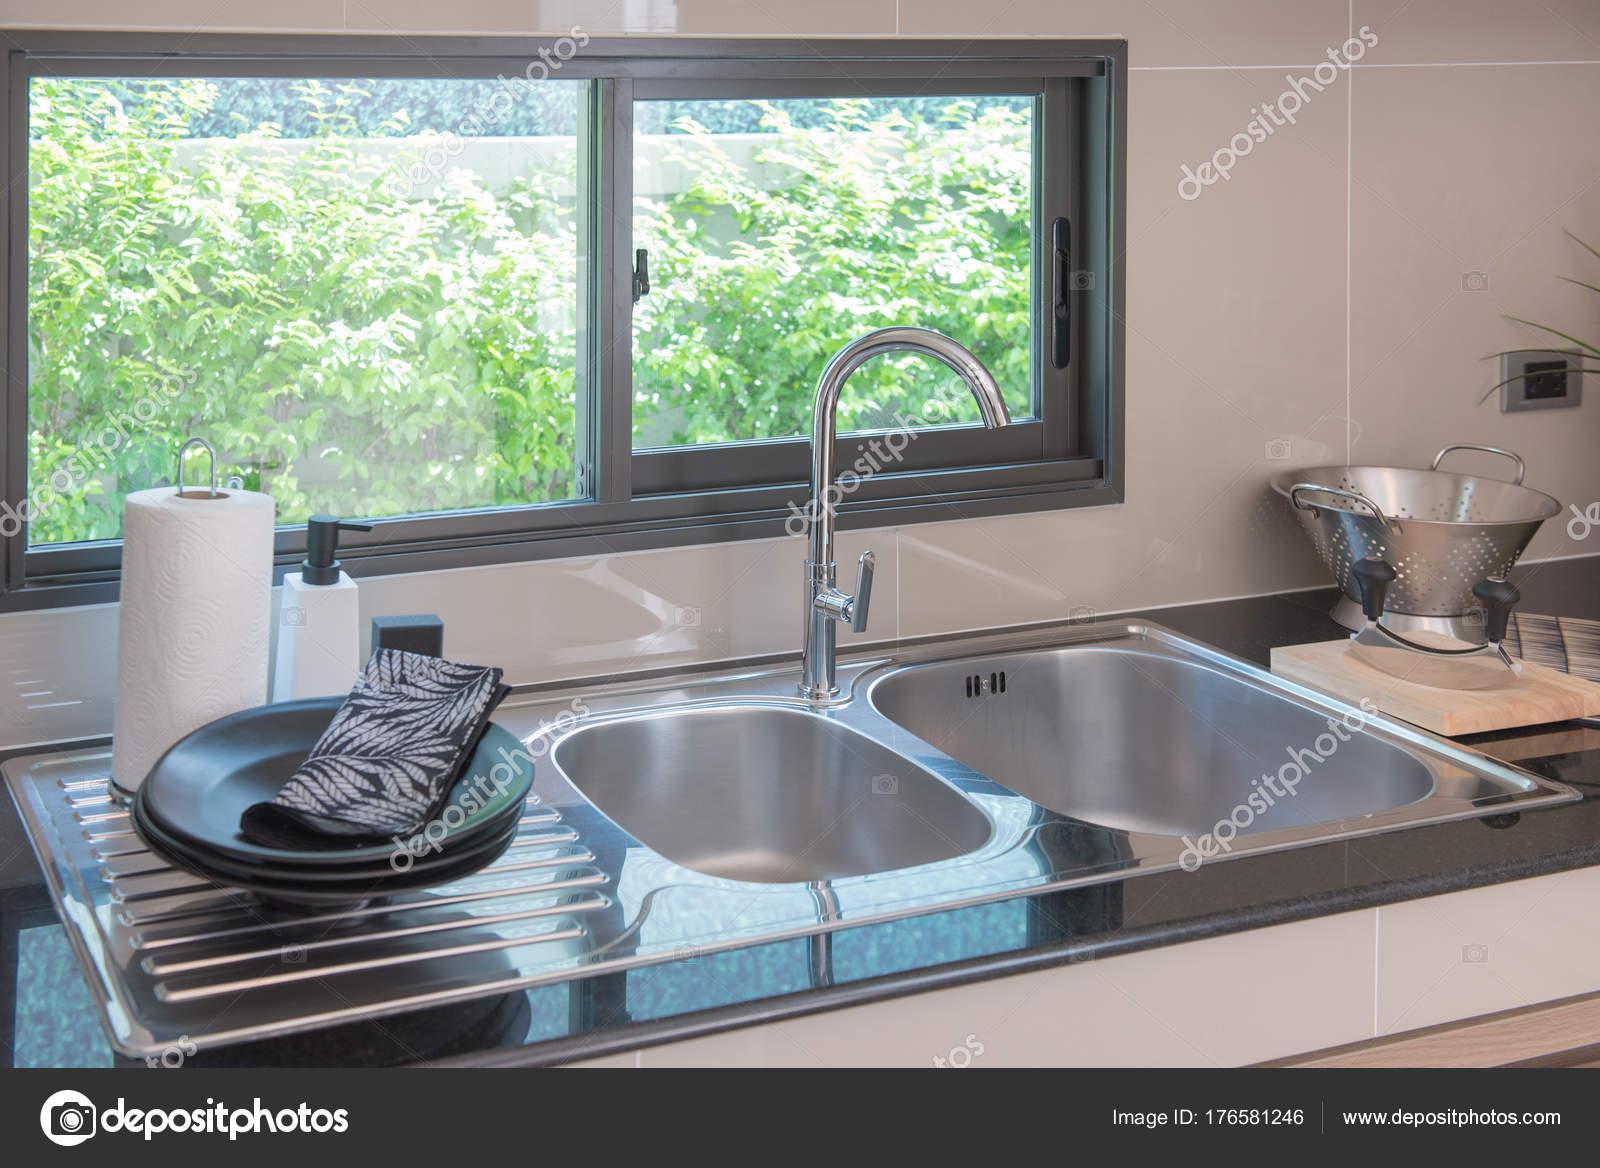 fregadero con grifo en la cocina — Foto de stock ...